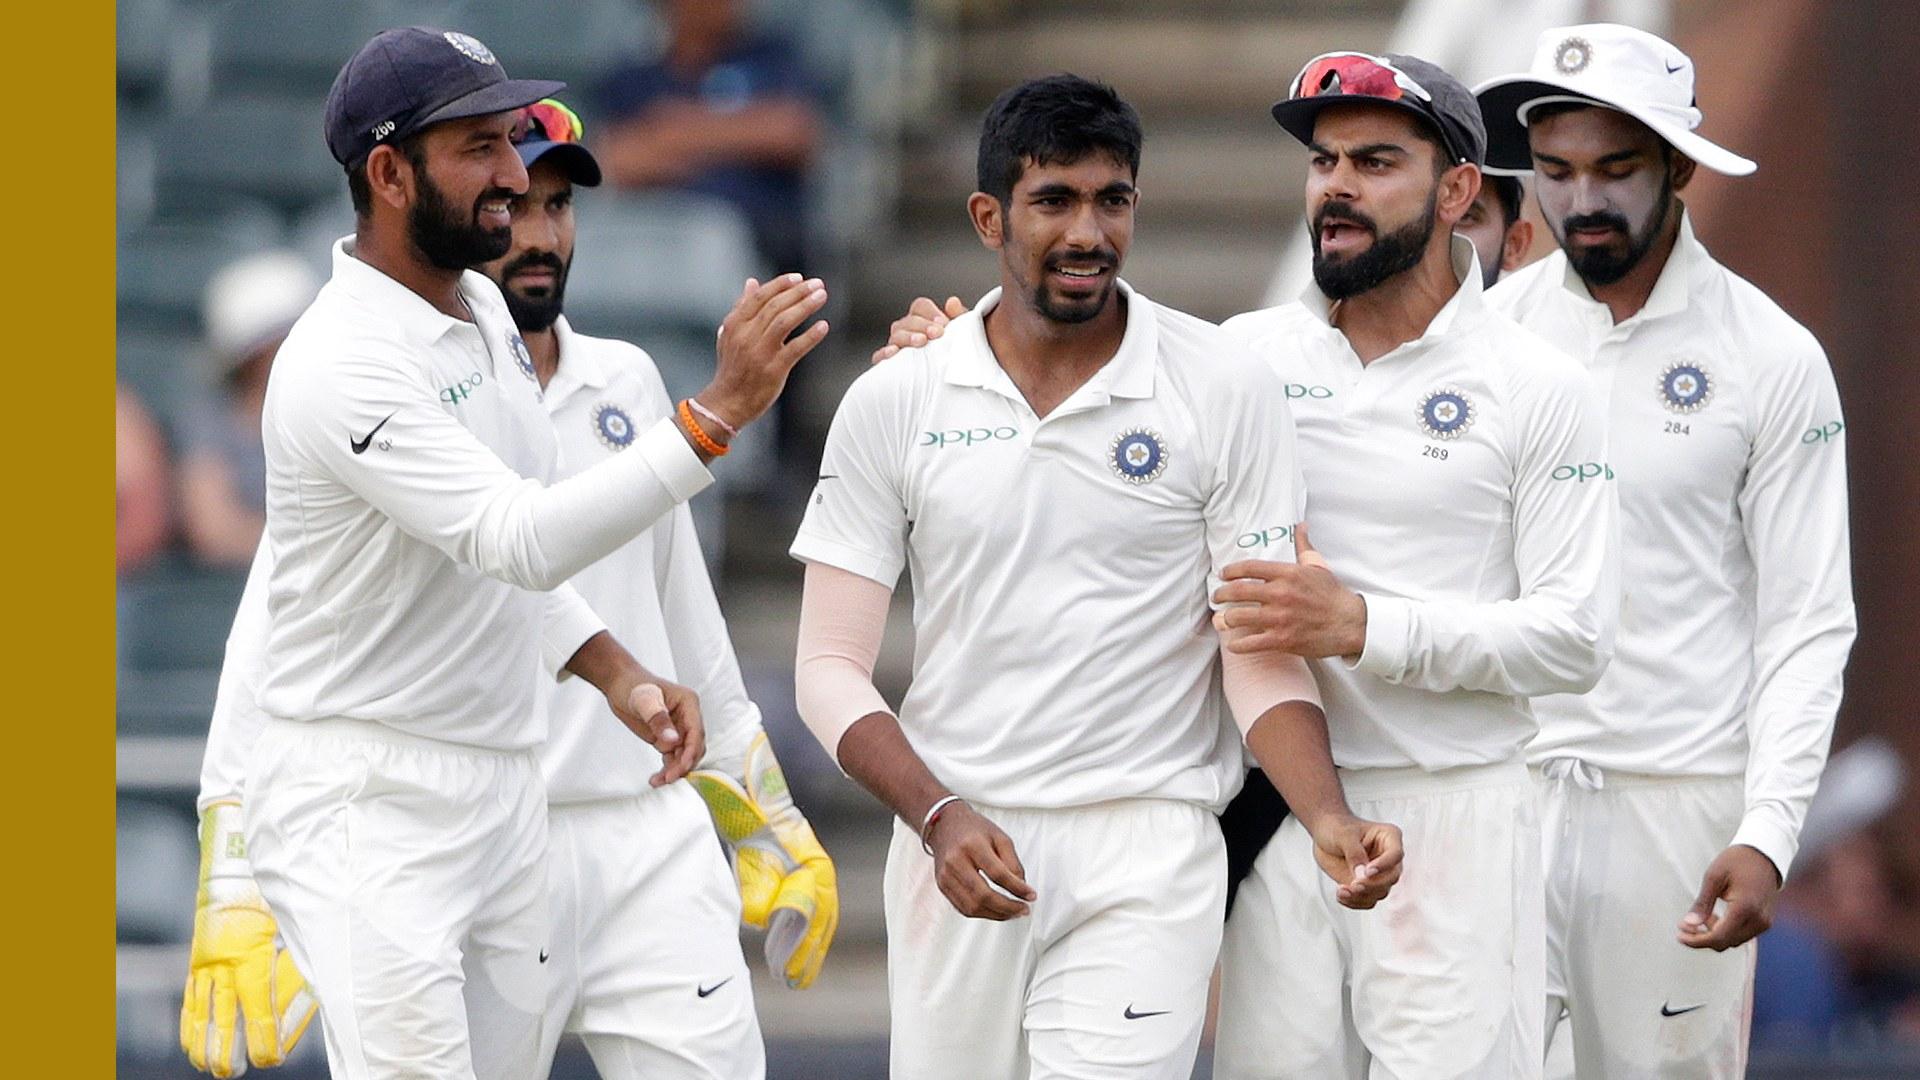 ওয়েস্ট ইন্ডিজের বিপক্ষে প্রথম টেস্টে দলে না থাকার সম্ভাবনা তৈরী হলো এই ভারতীয় ক্রিকেটারের ! 2